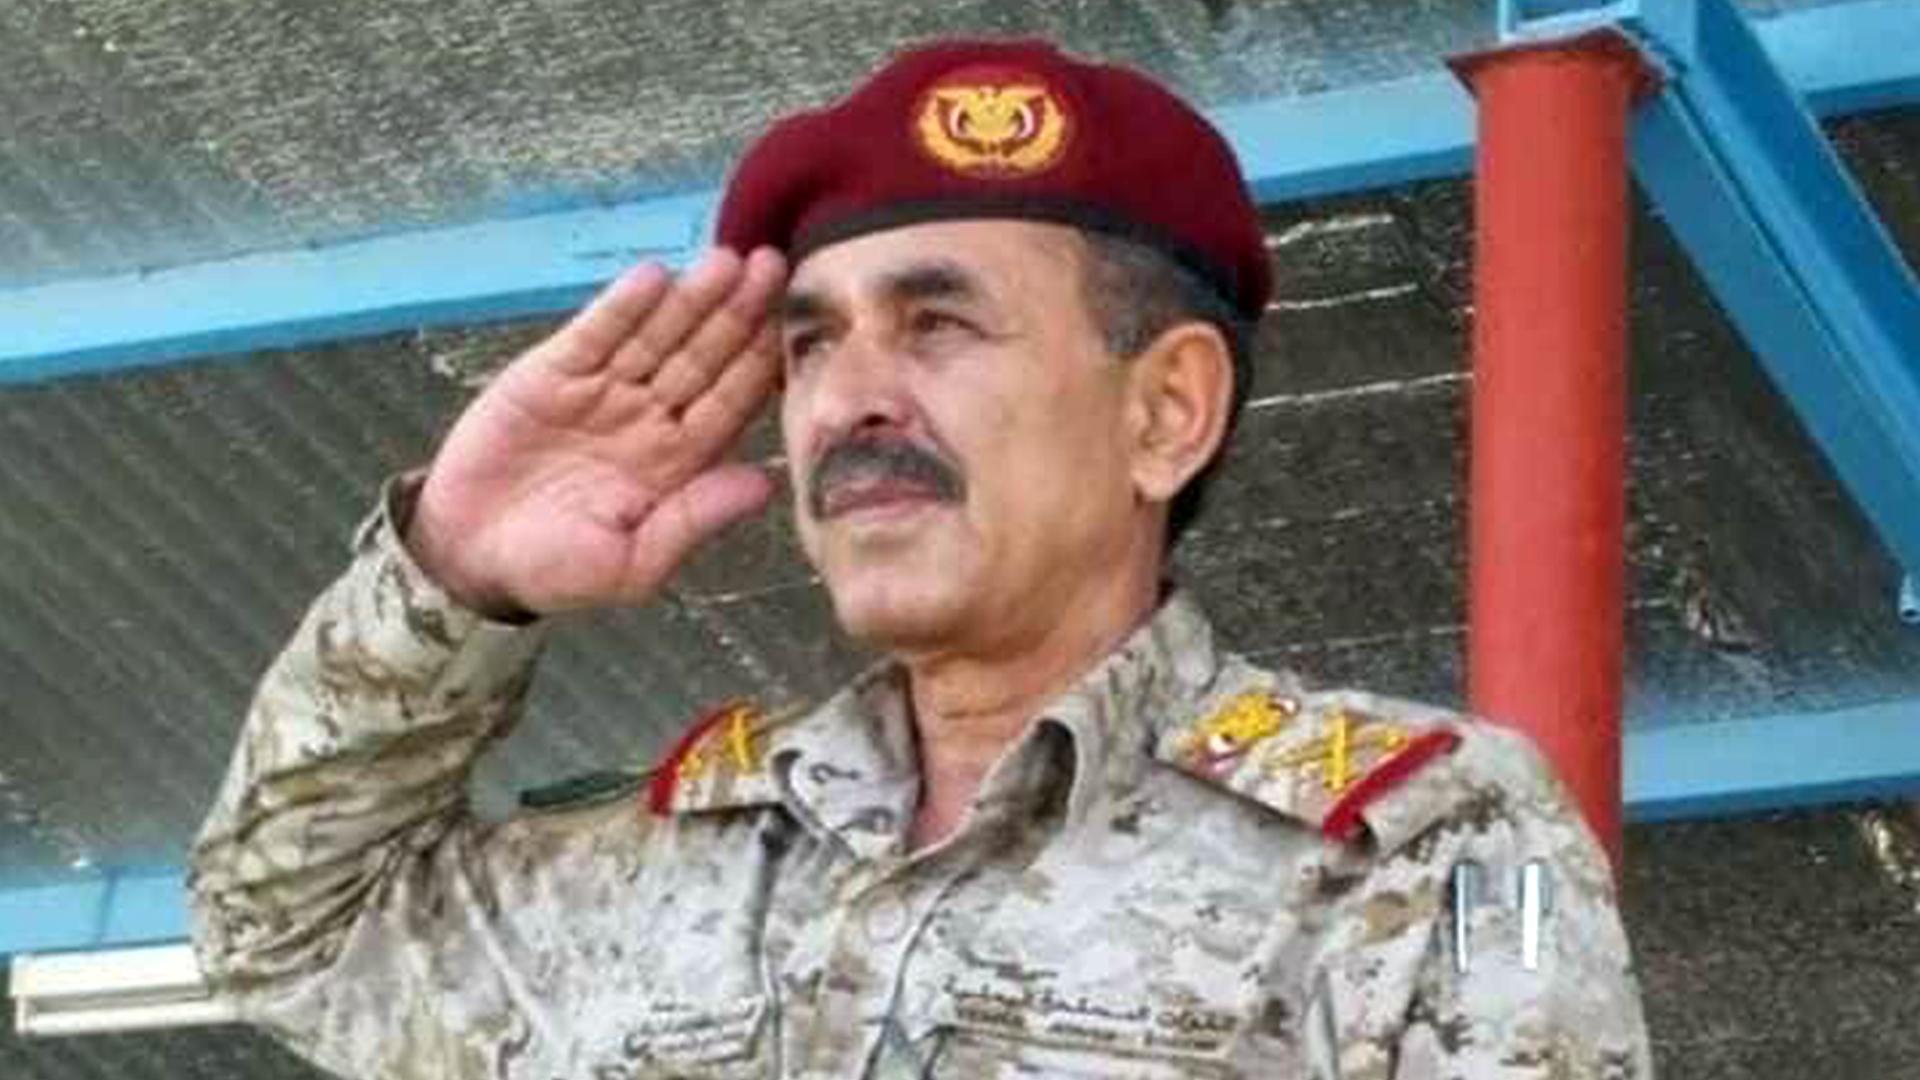 وفاة نائب رئيس هيئة أركان الجيش اليمني متأثرا بجراح أصيب بها في الهجوم على قاعدة العند